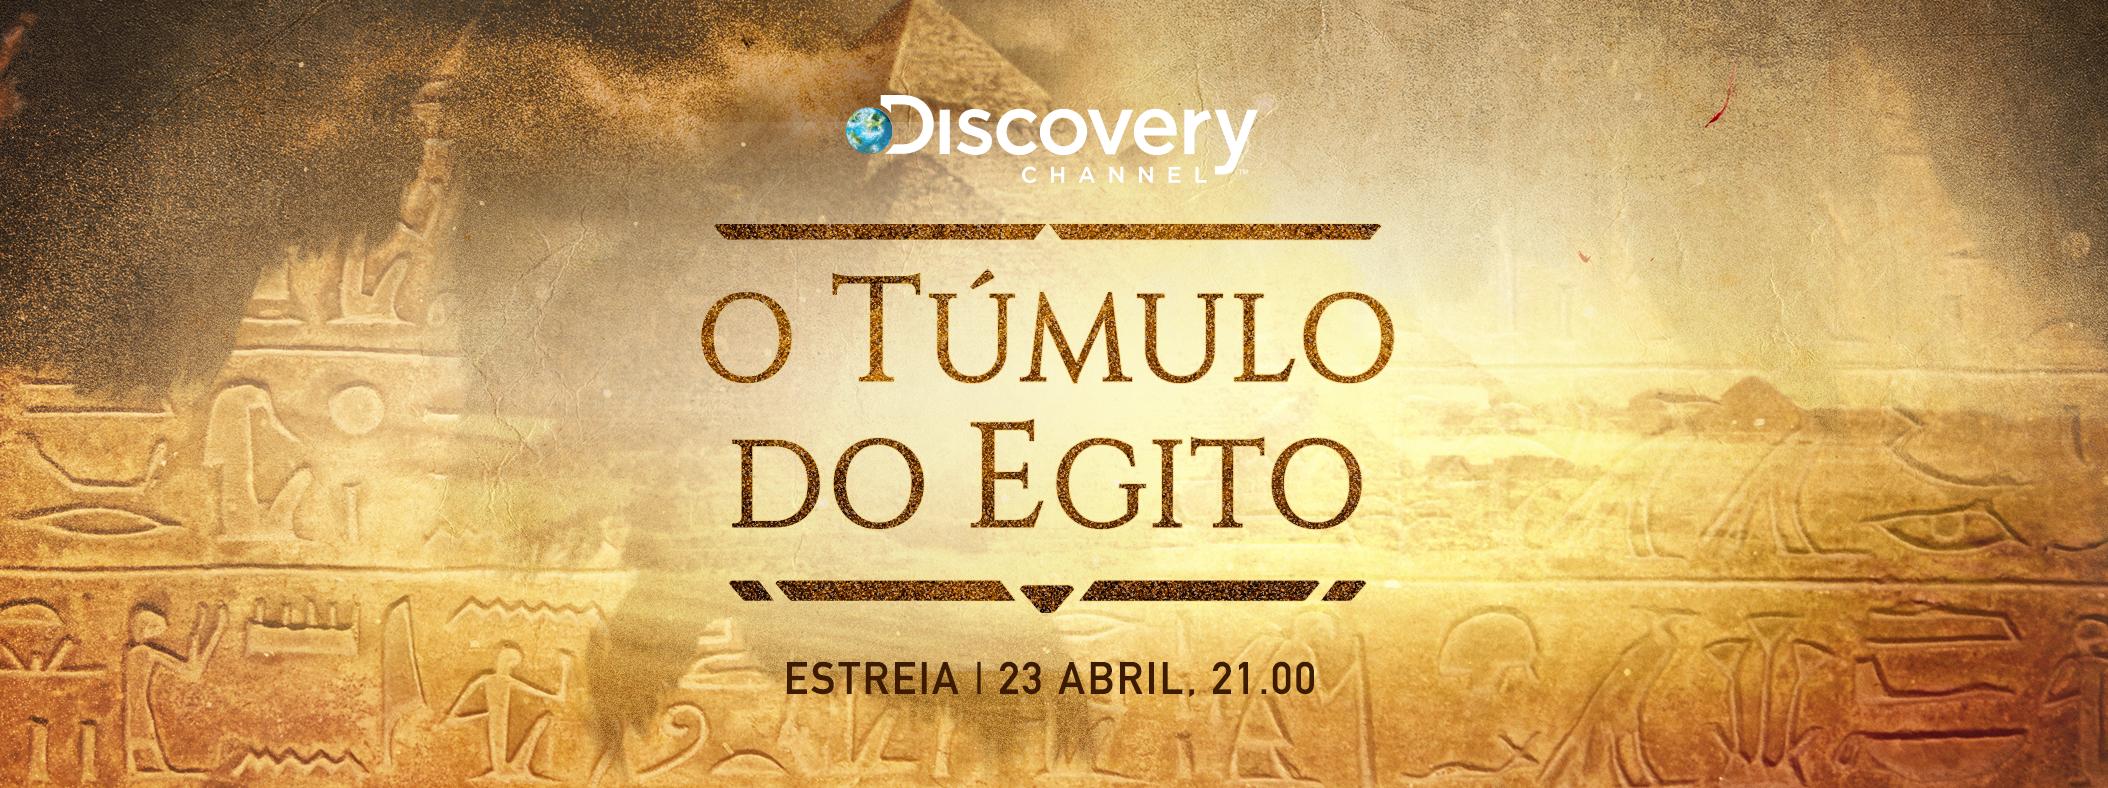 «O Túmulo do Egito» estreia em exclusivo no Discovery Channel